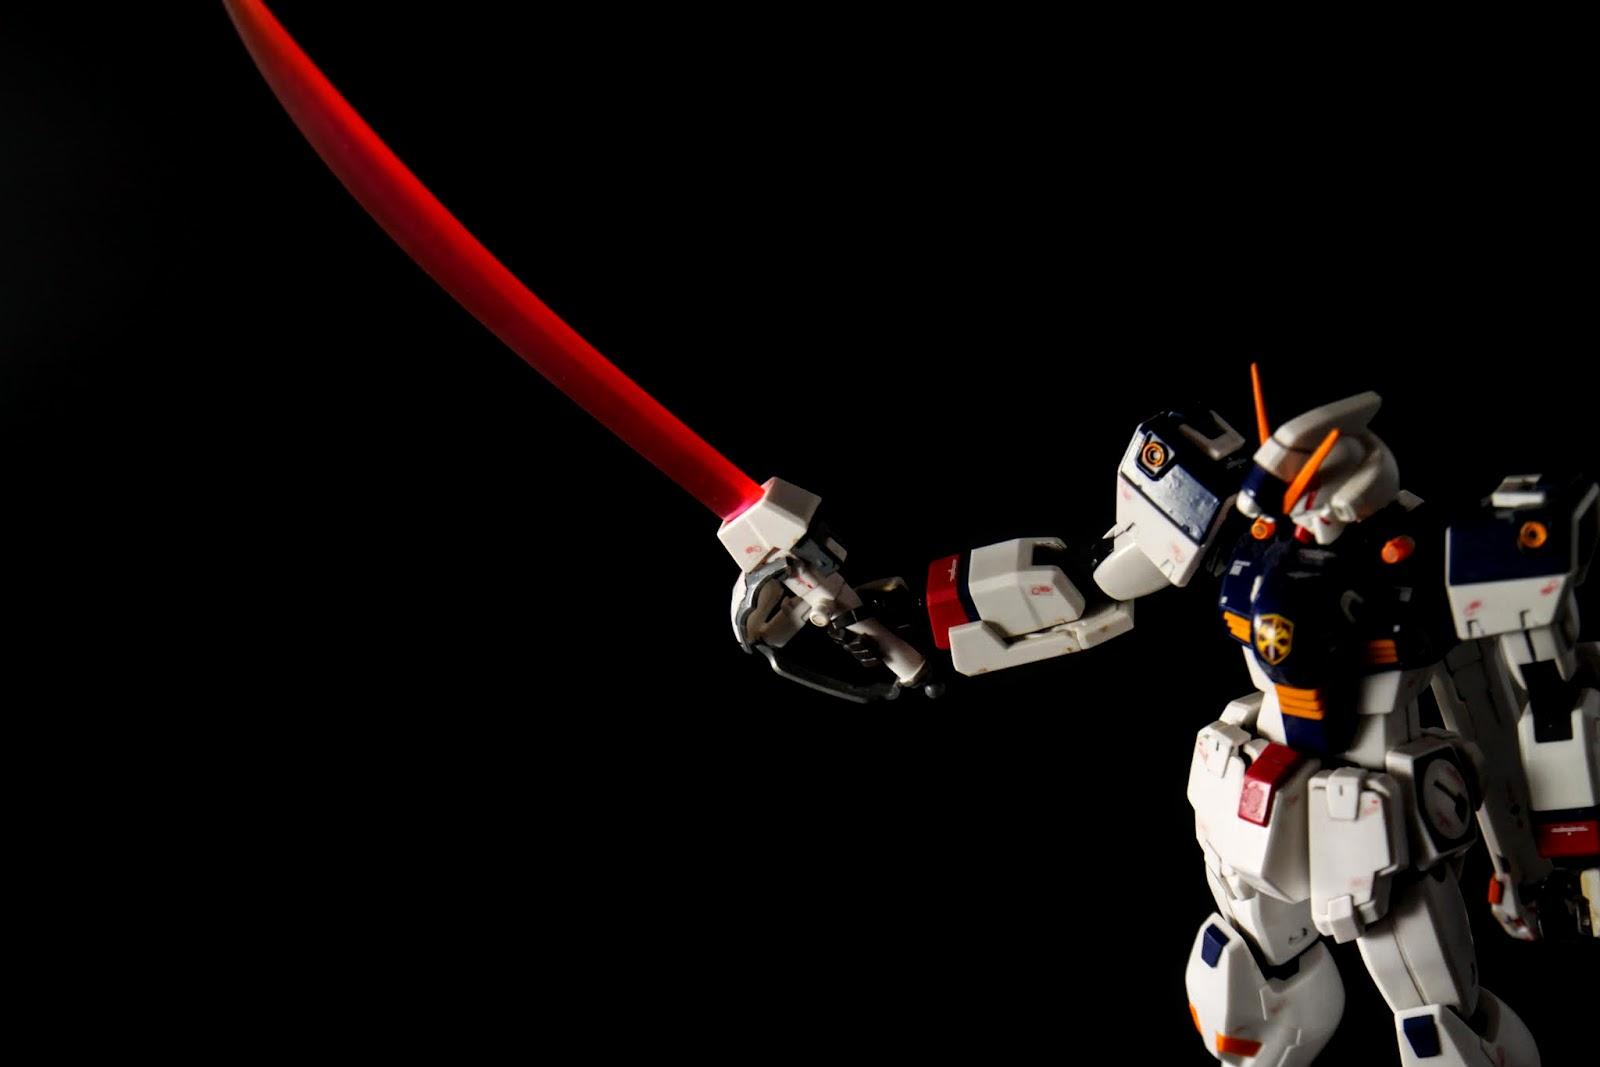 如其名, 為高出力光束刀, 在當代可以連光束盾一起切斷